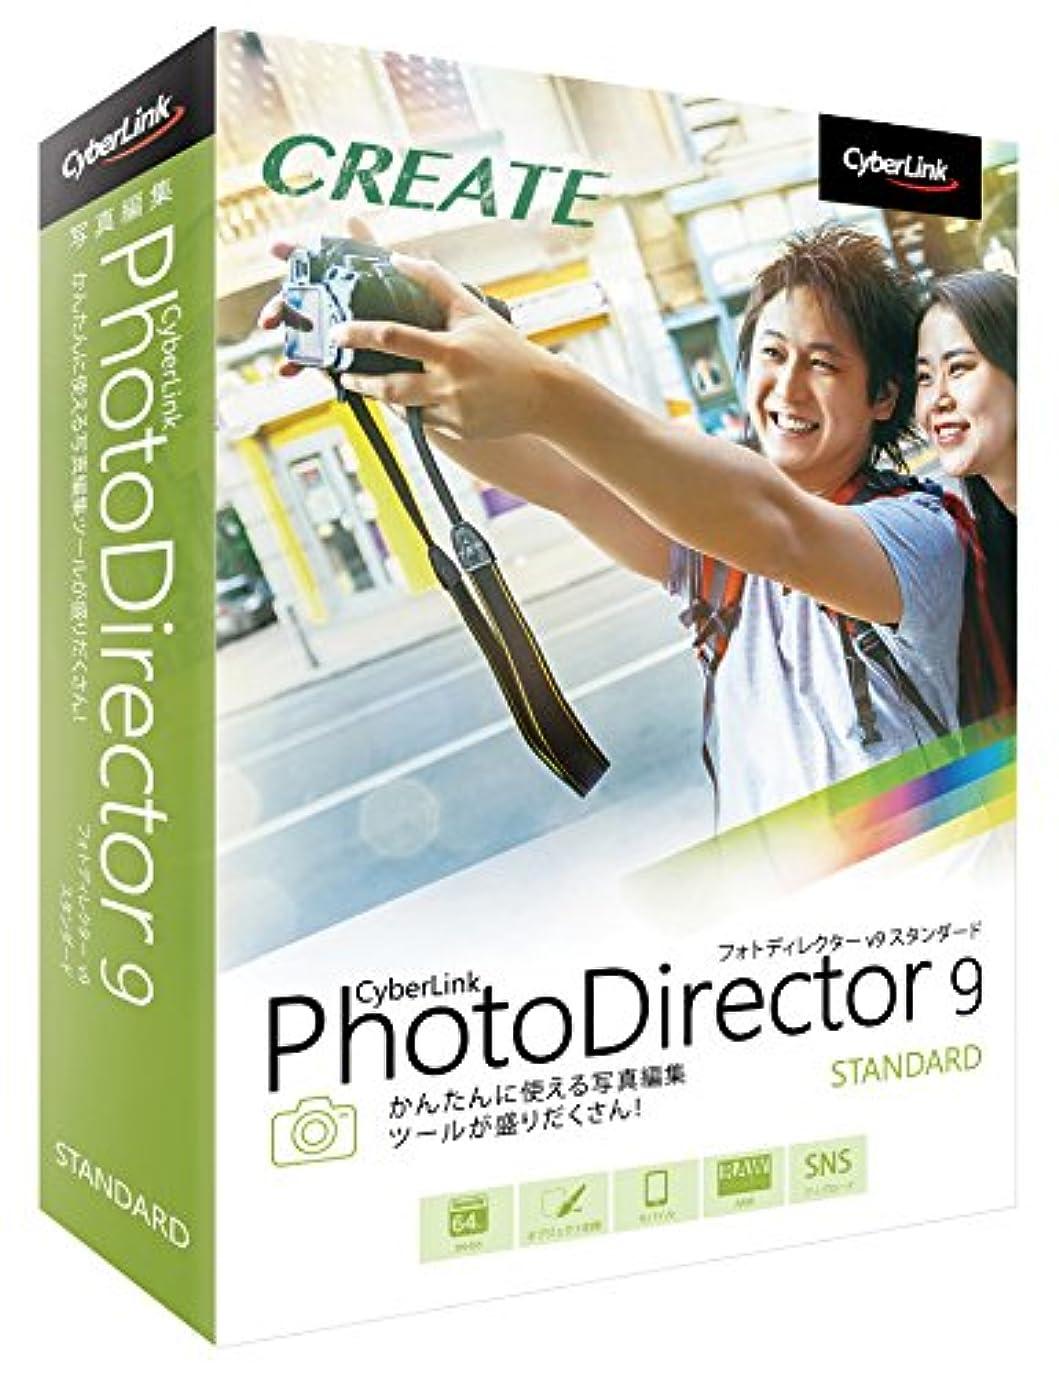 話すすべき現象サイバーリンク PhotoDirector 9 Standard 通常版